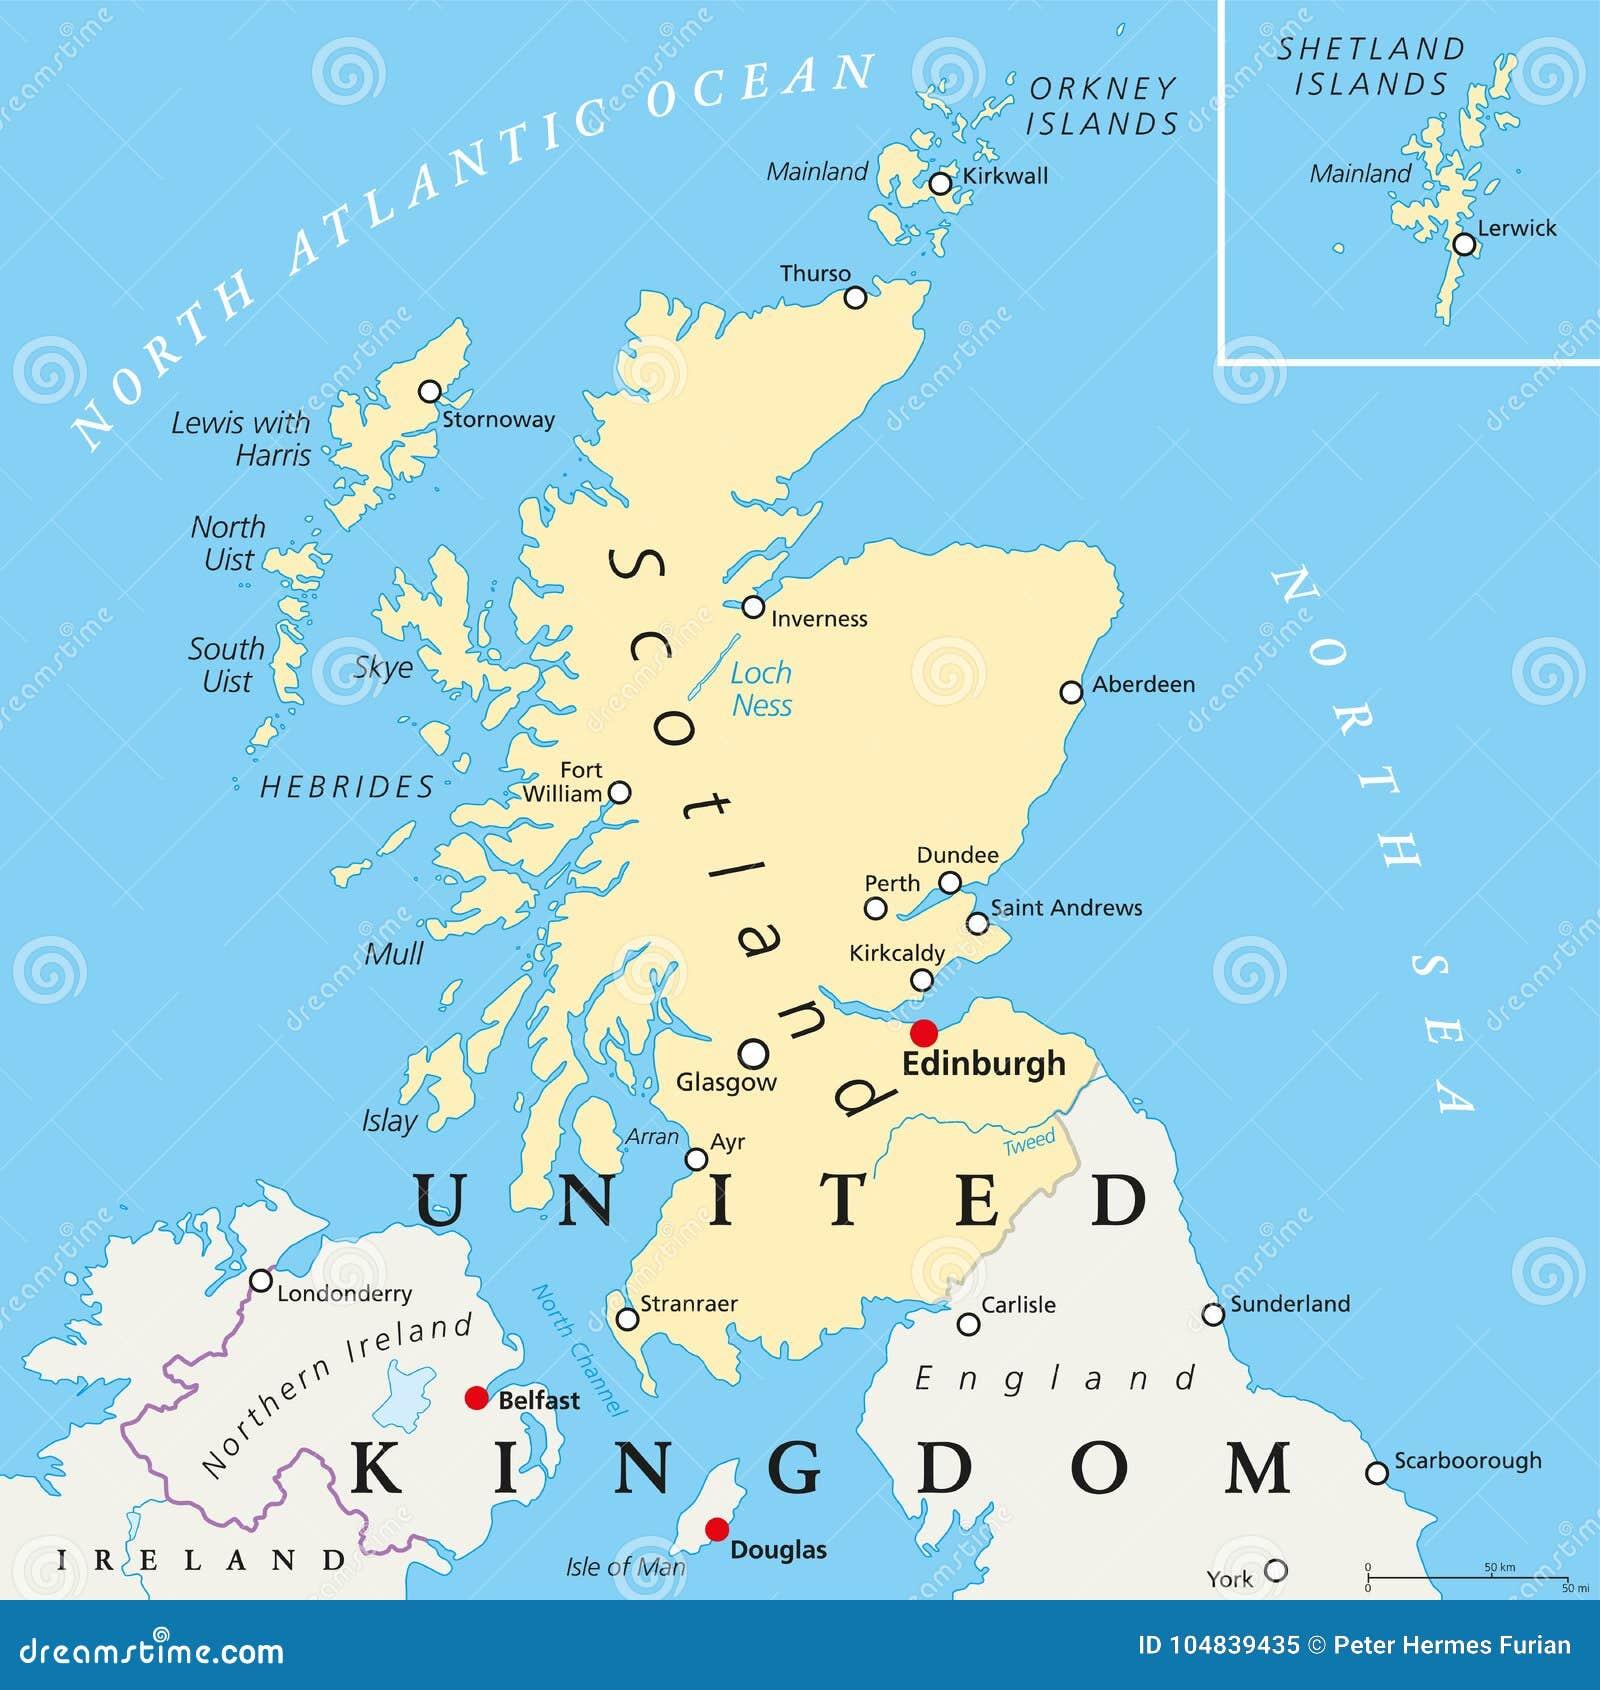 Carte Angleterre Ecosse.Carte Politique De L Ecosse Illustration De Vecteur Illustration